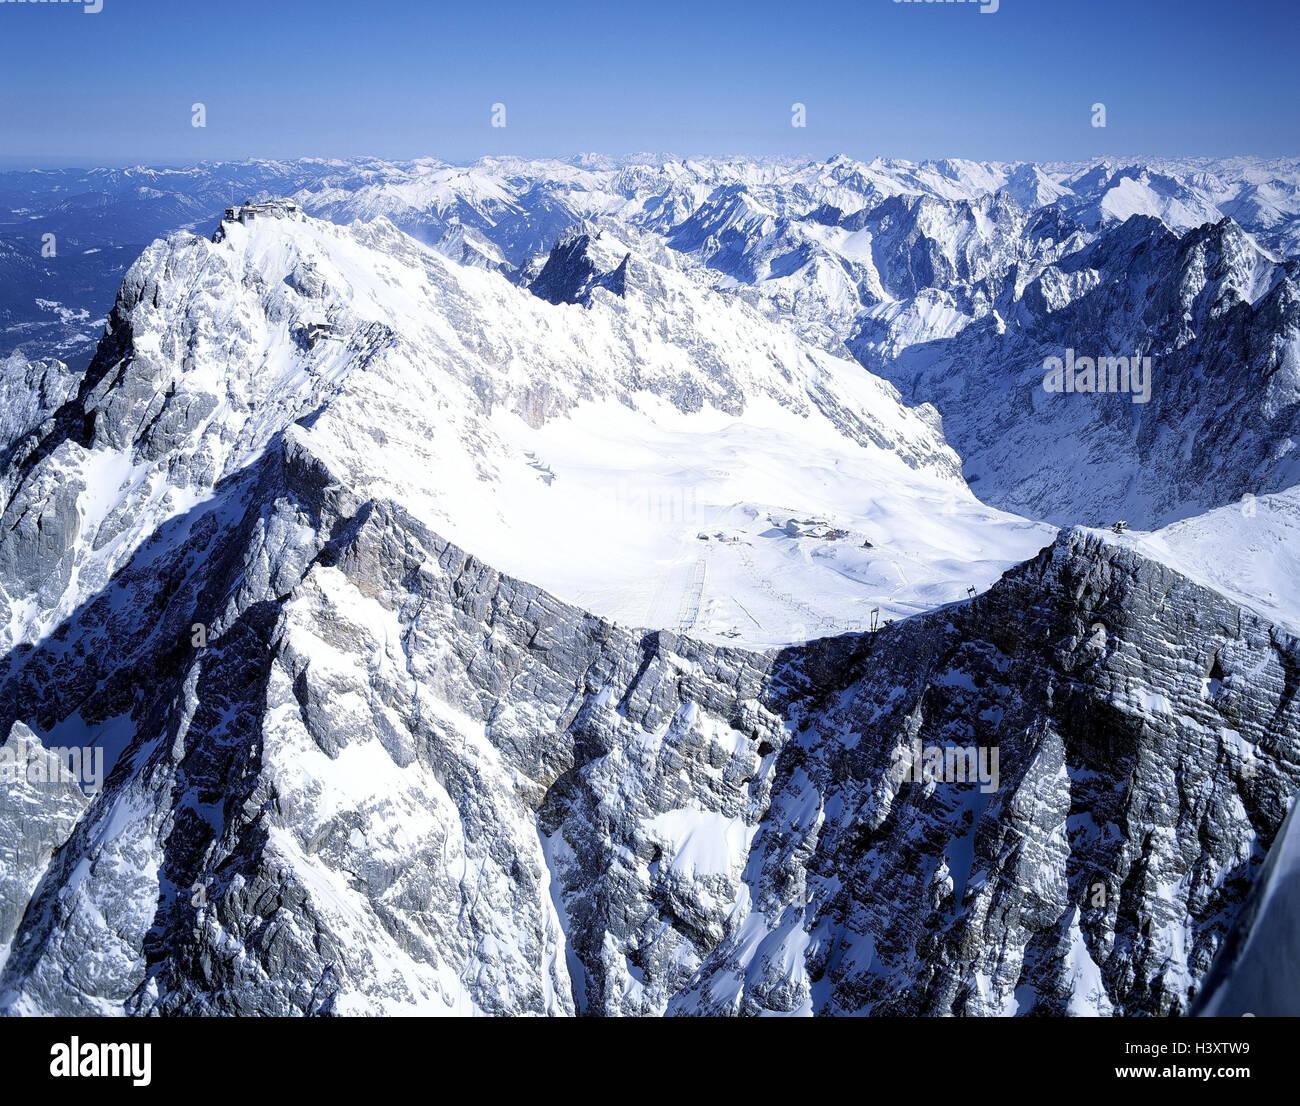 deutschland alpen zugspitzes skifahren bereich zugspitze schlechten deutsch luftbild. Black Bedroom Furniture Sets. Home Design Ideas